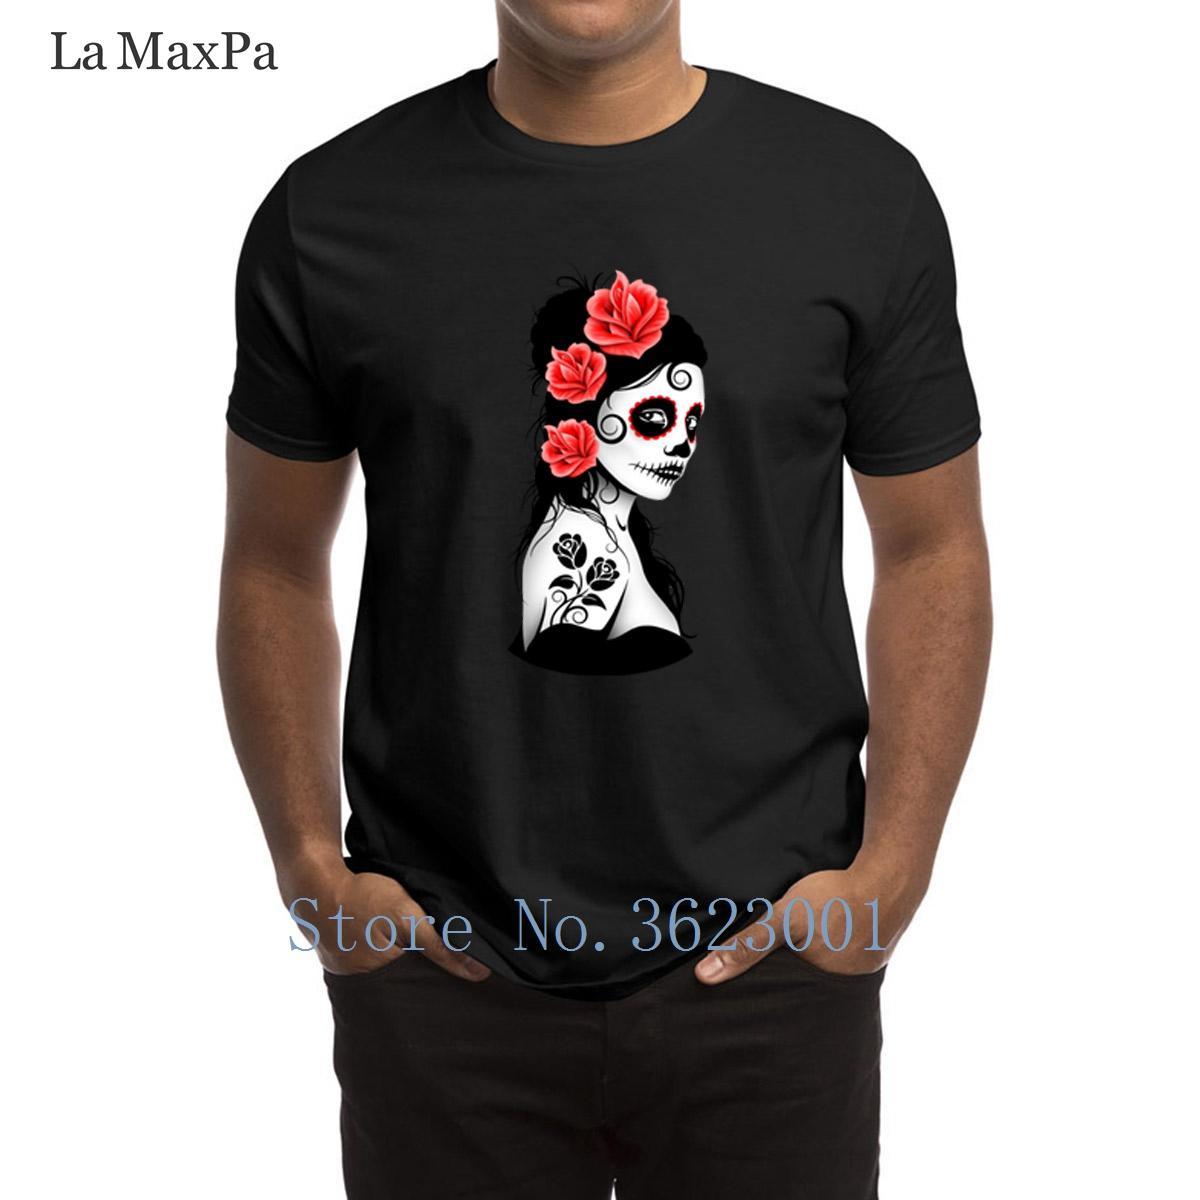 تصاميم الجدة الرجال التي شيرت الأحمر يوم من الميت السكر جمجمة فتاة تي شيرت مضحك التي شيرت الصيف نمط جديد 100٪ قطن قميص تي